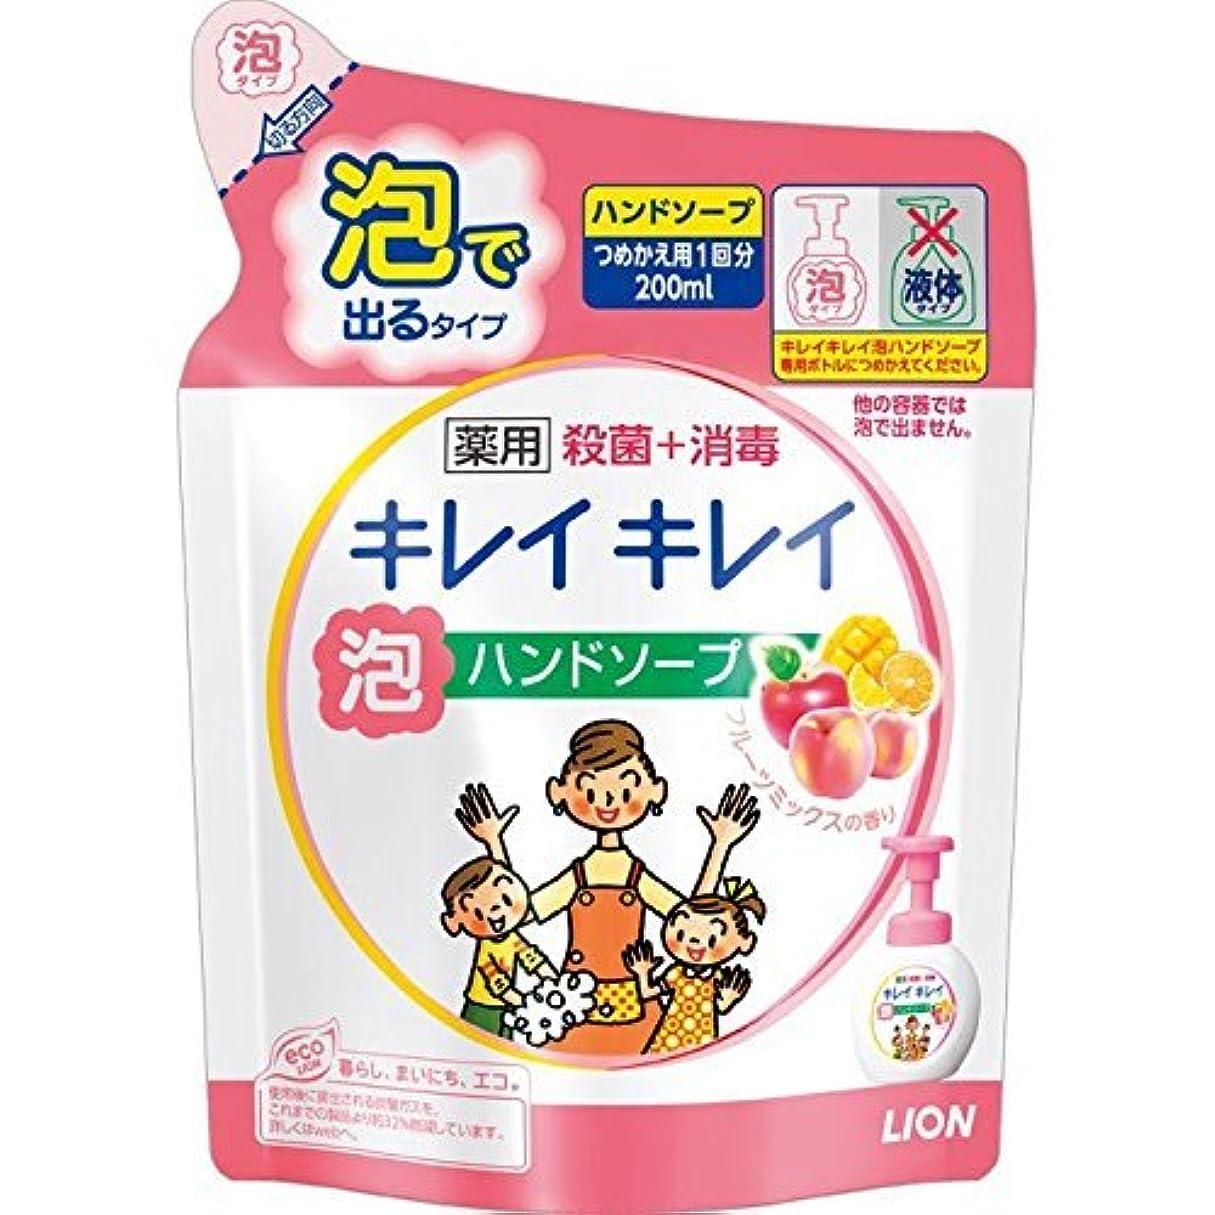 ヘロインセッティングシンプルさキレイキレイ 薬用泡ハンドソープ フルーツミックスの香り つめかえ用 通常サイズ 200ml ×20個セット